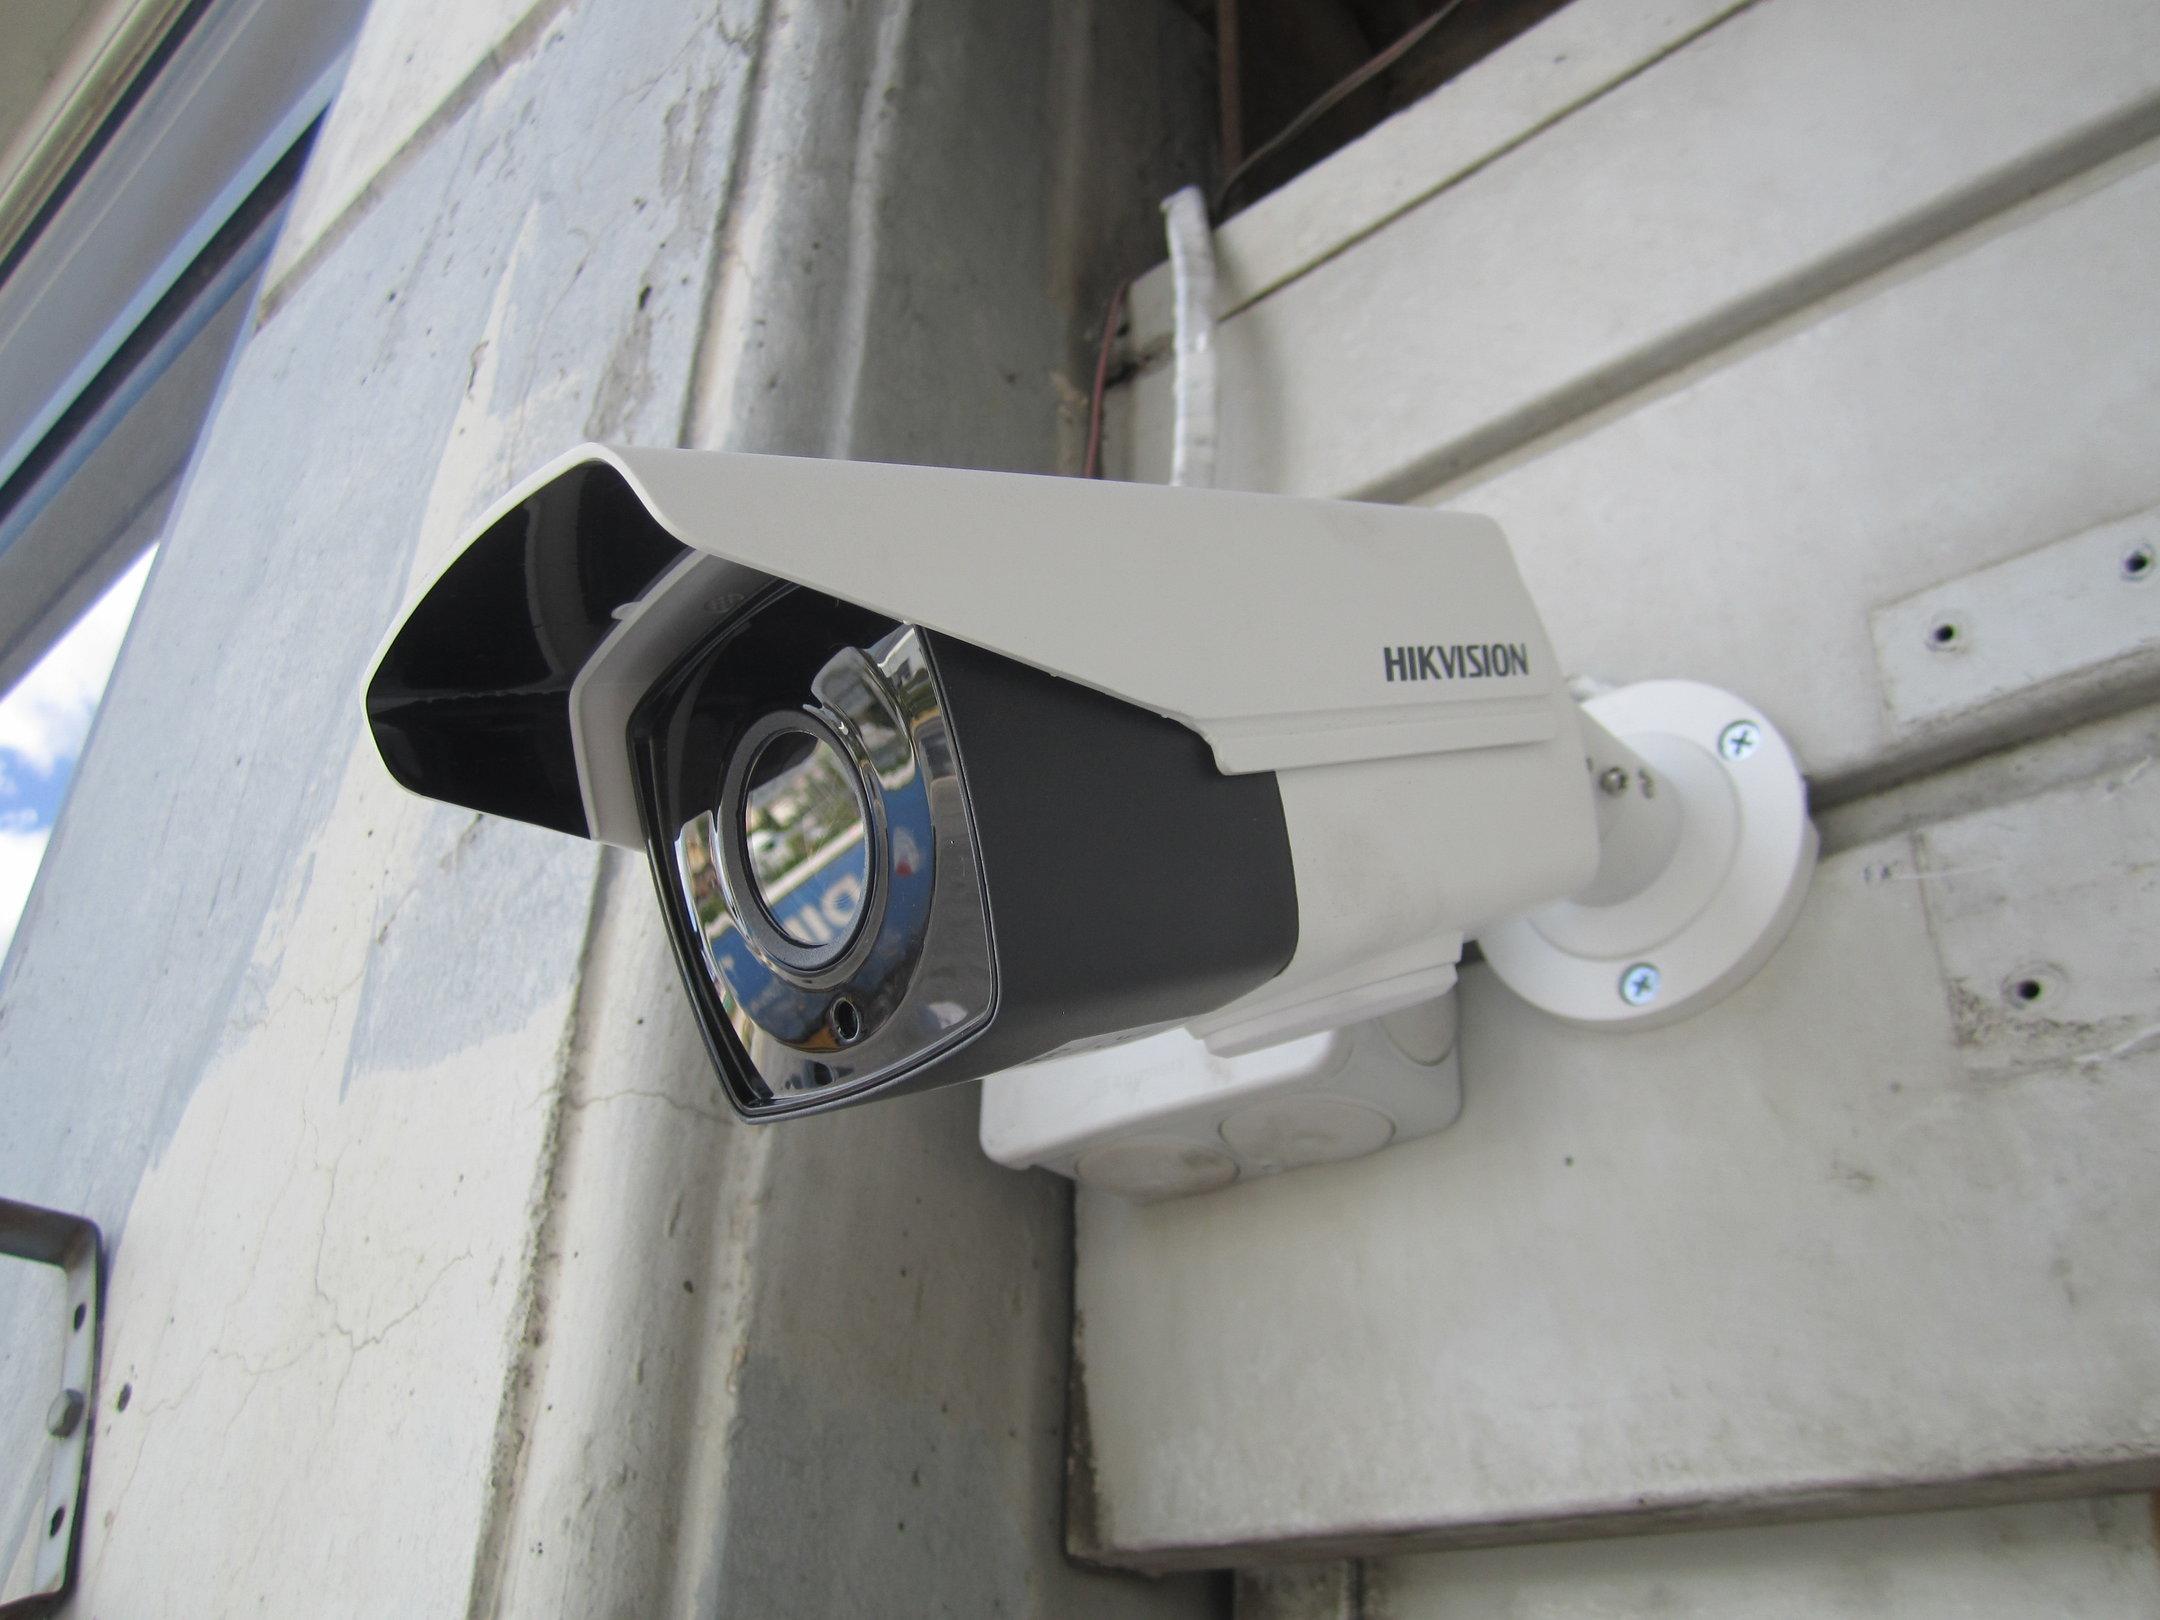 Ολοκλήρωση Έργου Συστήματος Επιτήρησης και Καταγραφής με Περιμετρική Οπτική  Επιτήρηση στην Εταιρεία «GEO TRANS» 416b4d19ed8